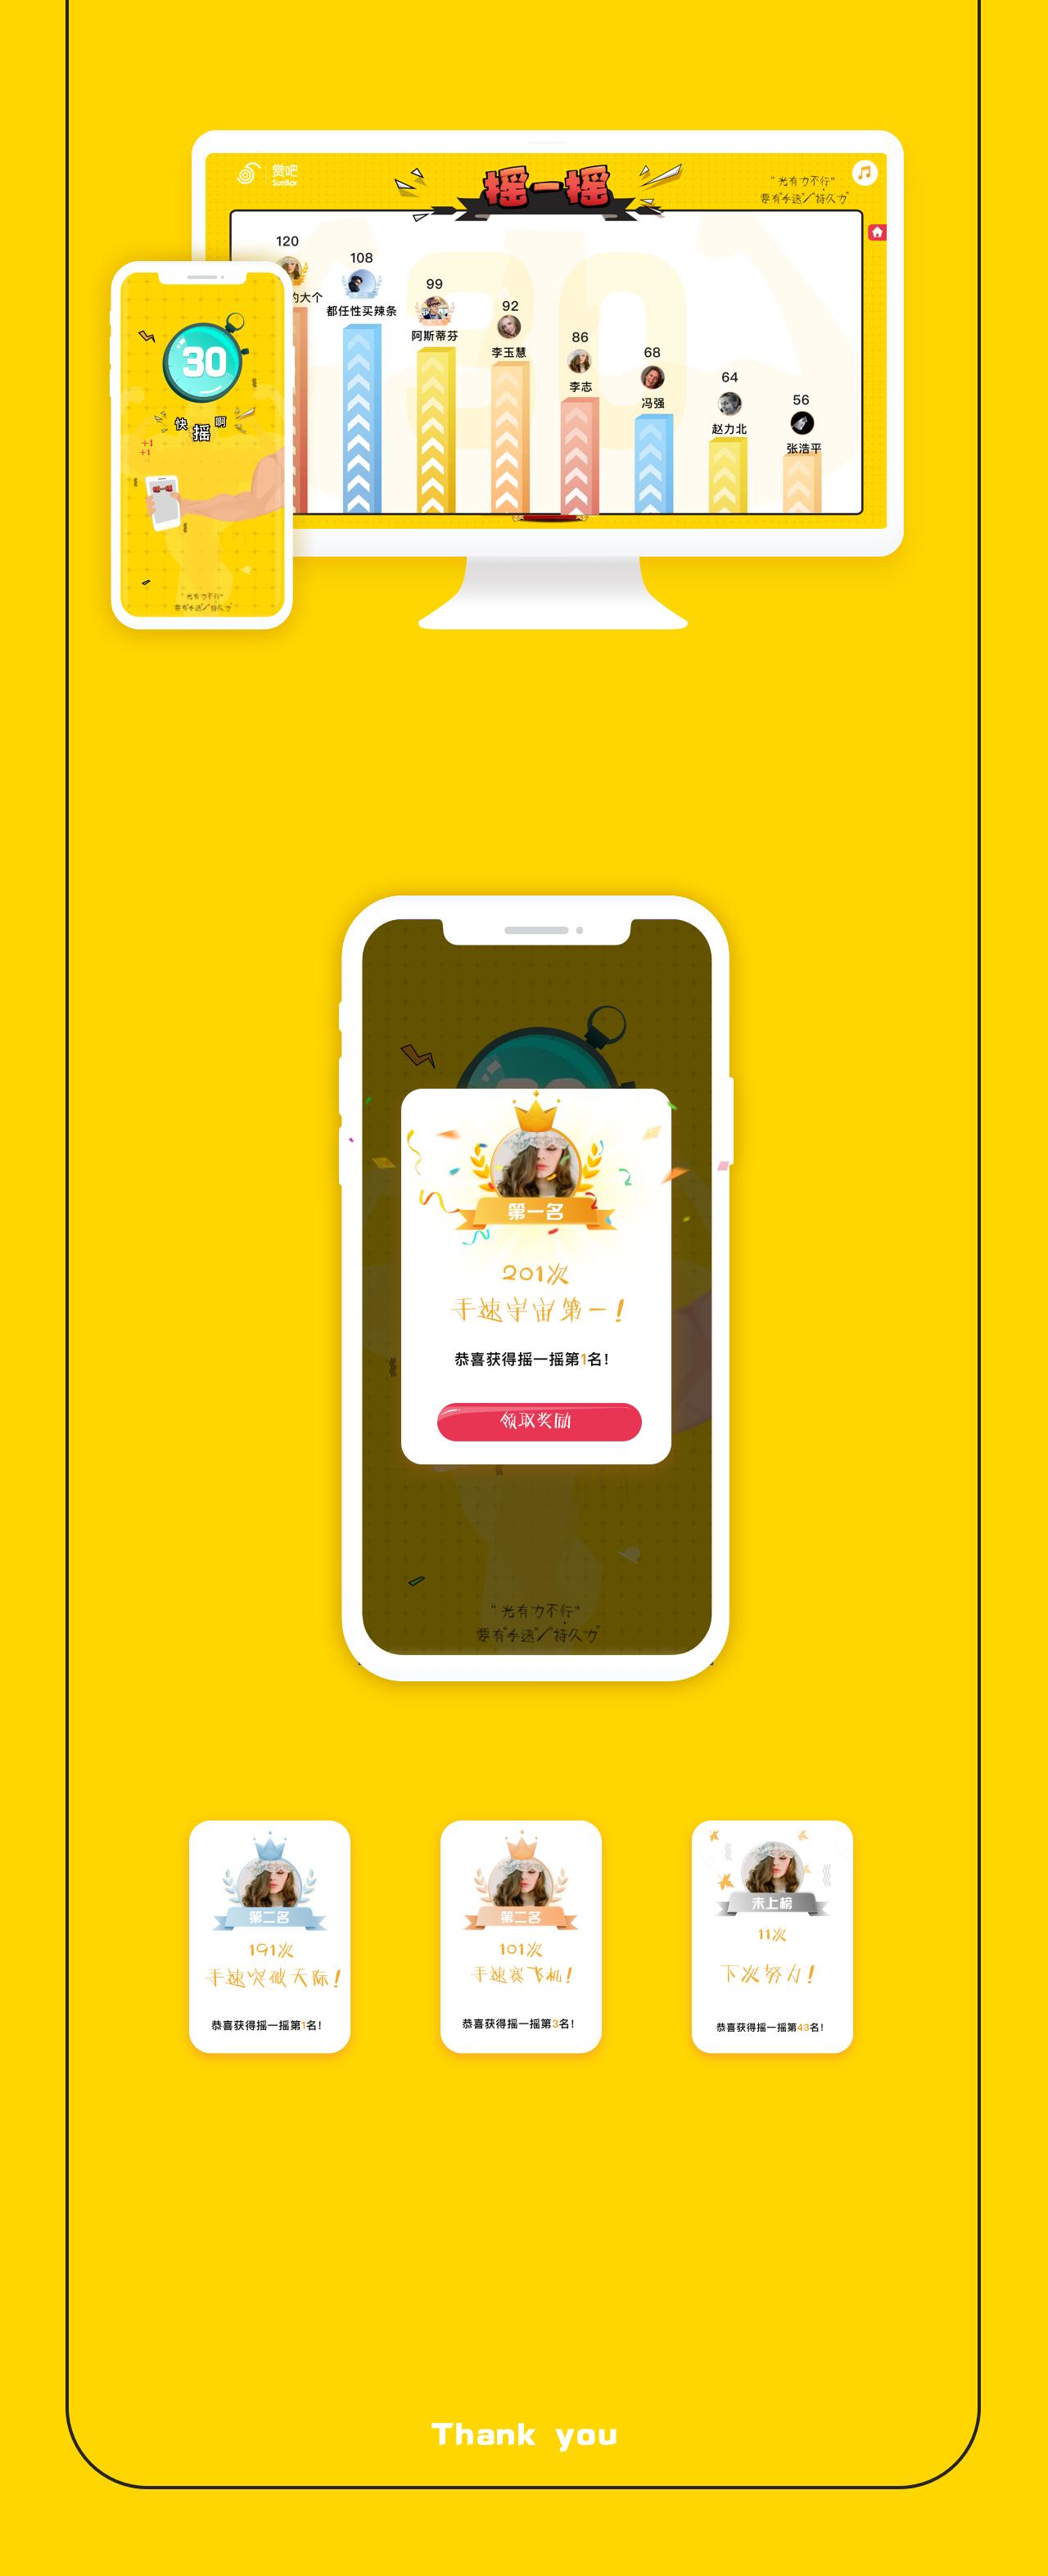 手机现场解说小游戏.摇一摇   长脖子长颈鹿-视频互动拳击图片